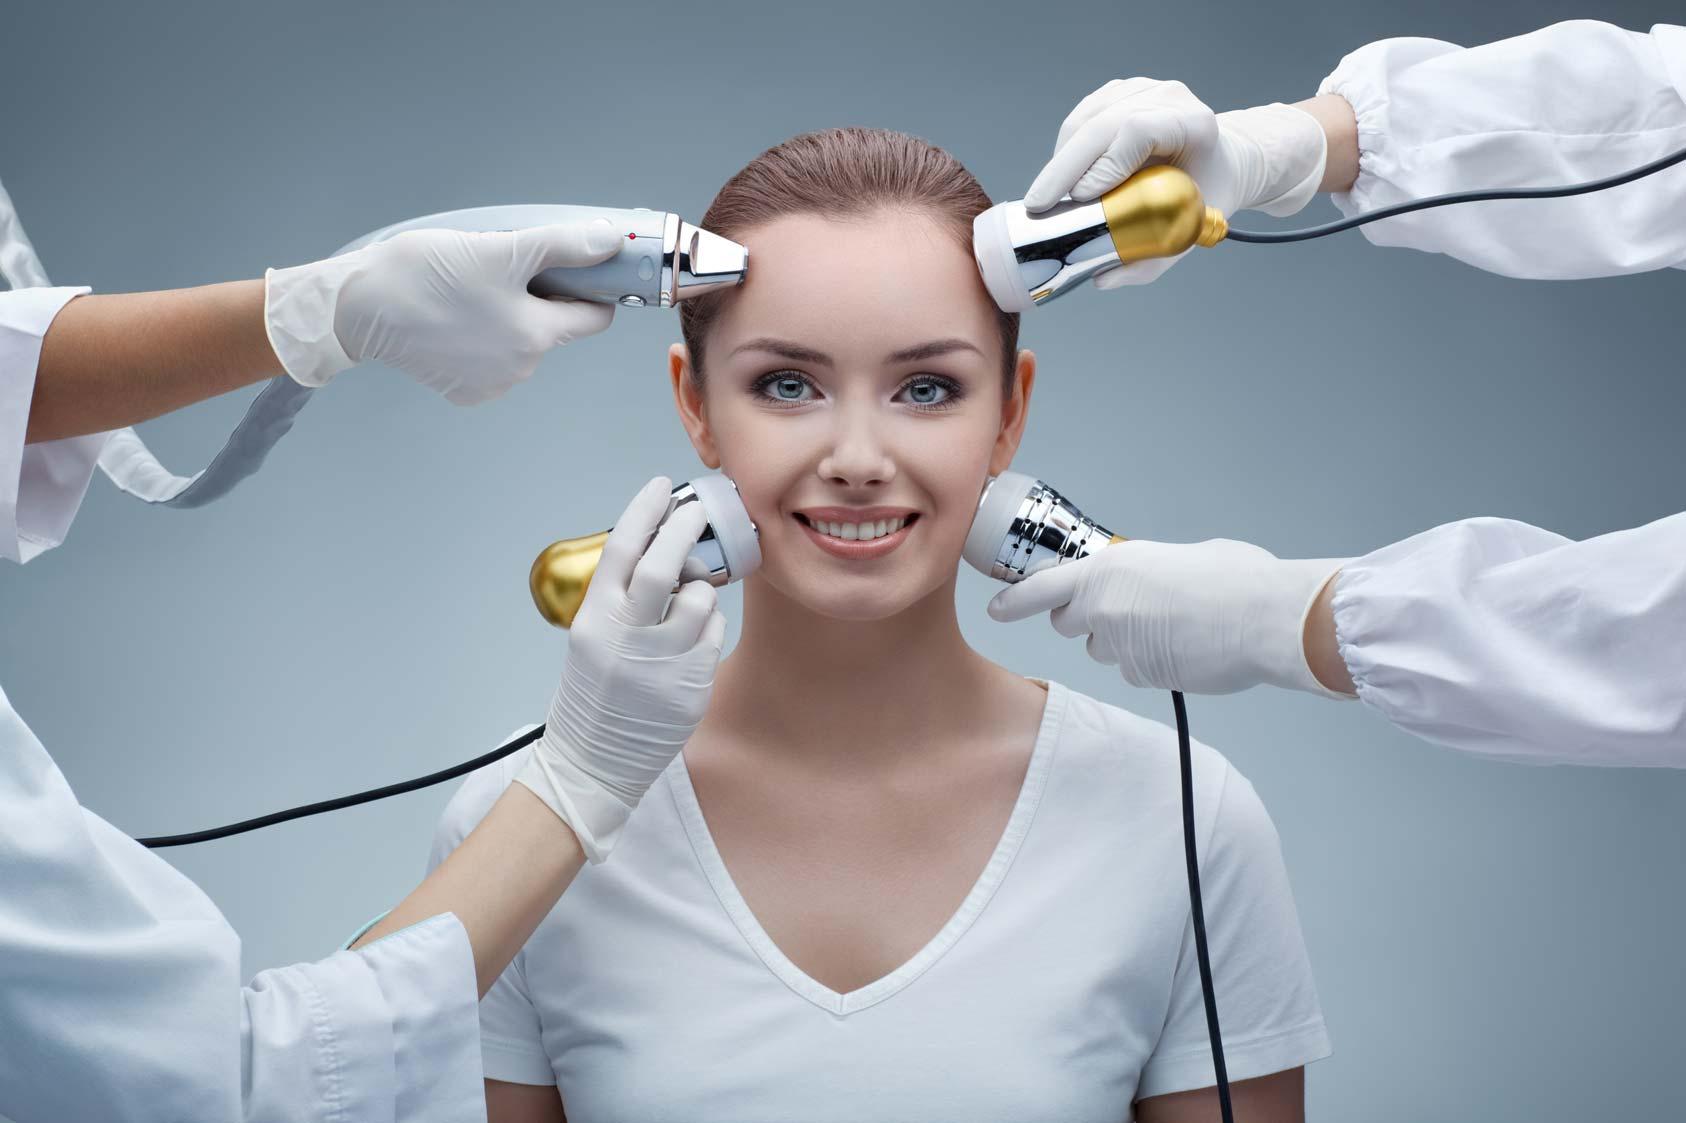 Аппаратная косметология: что следует знать